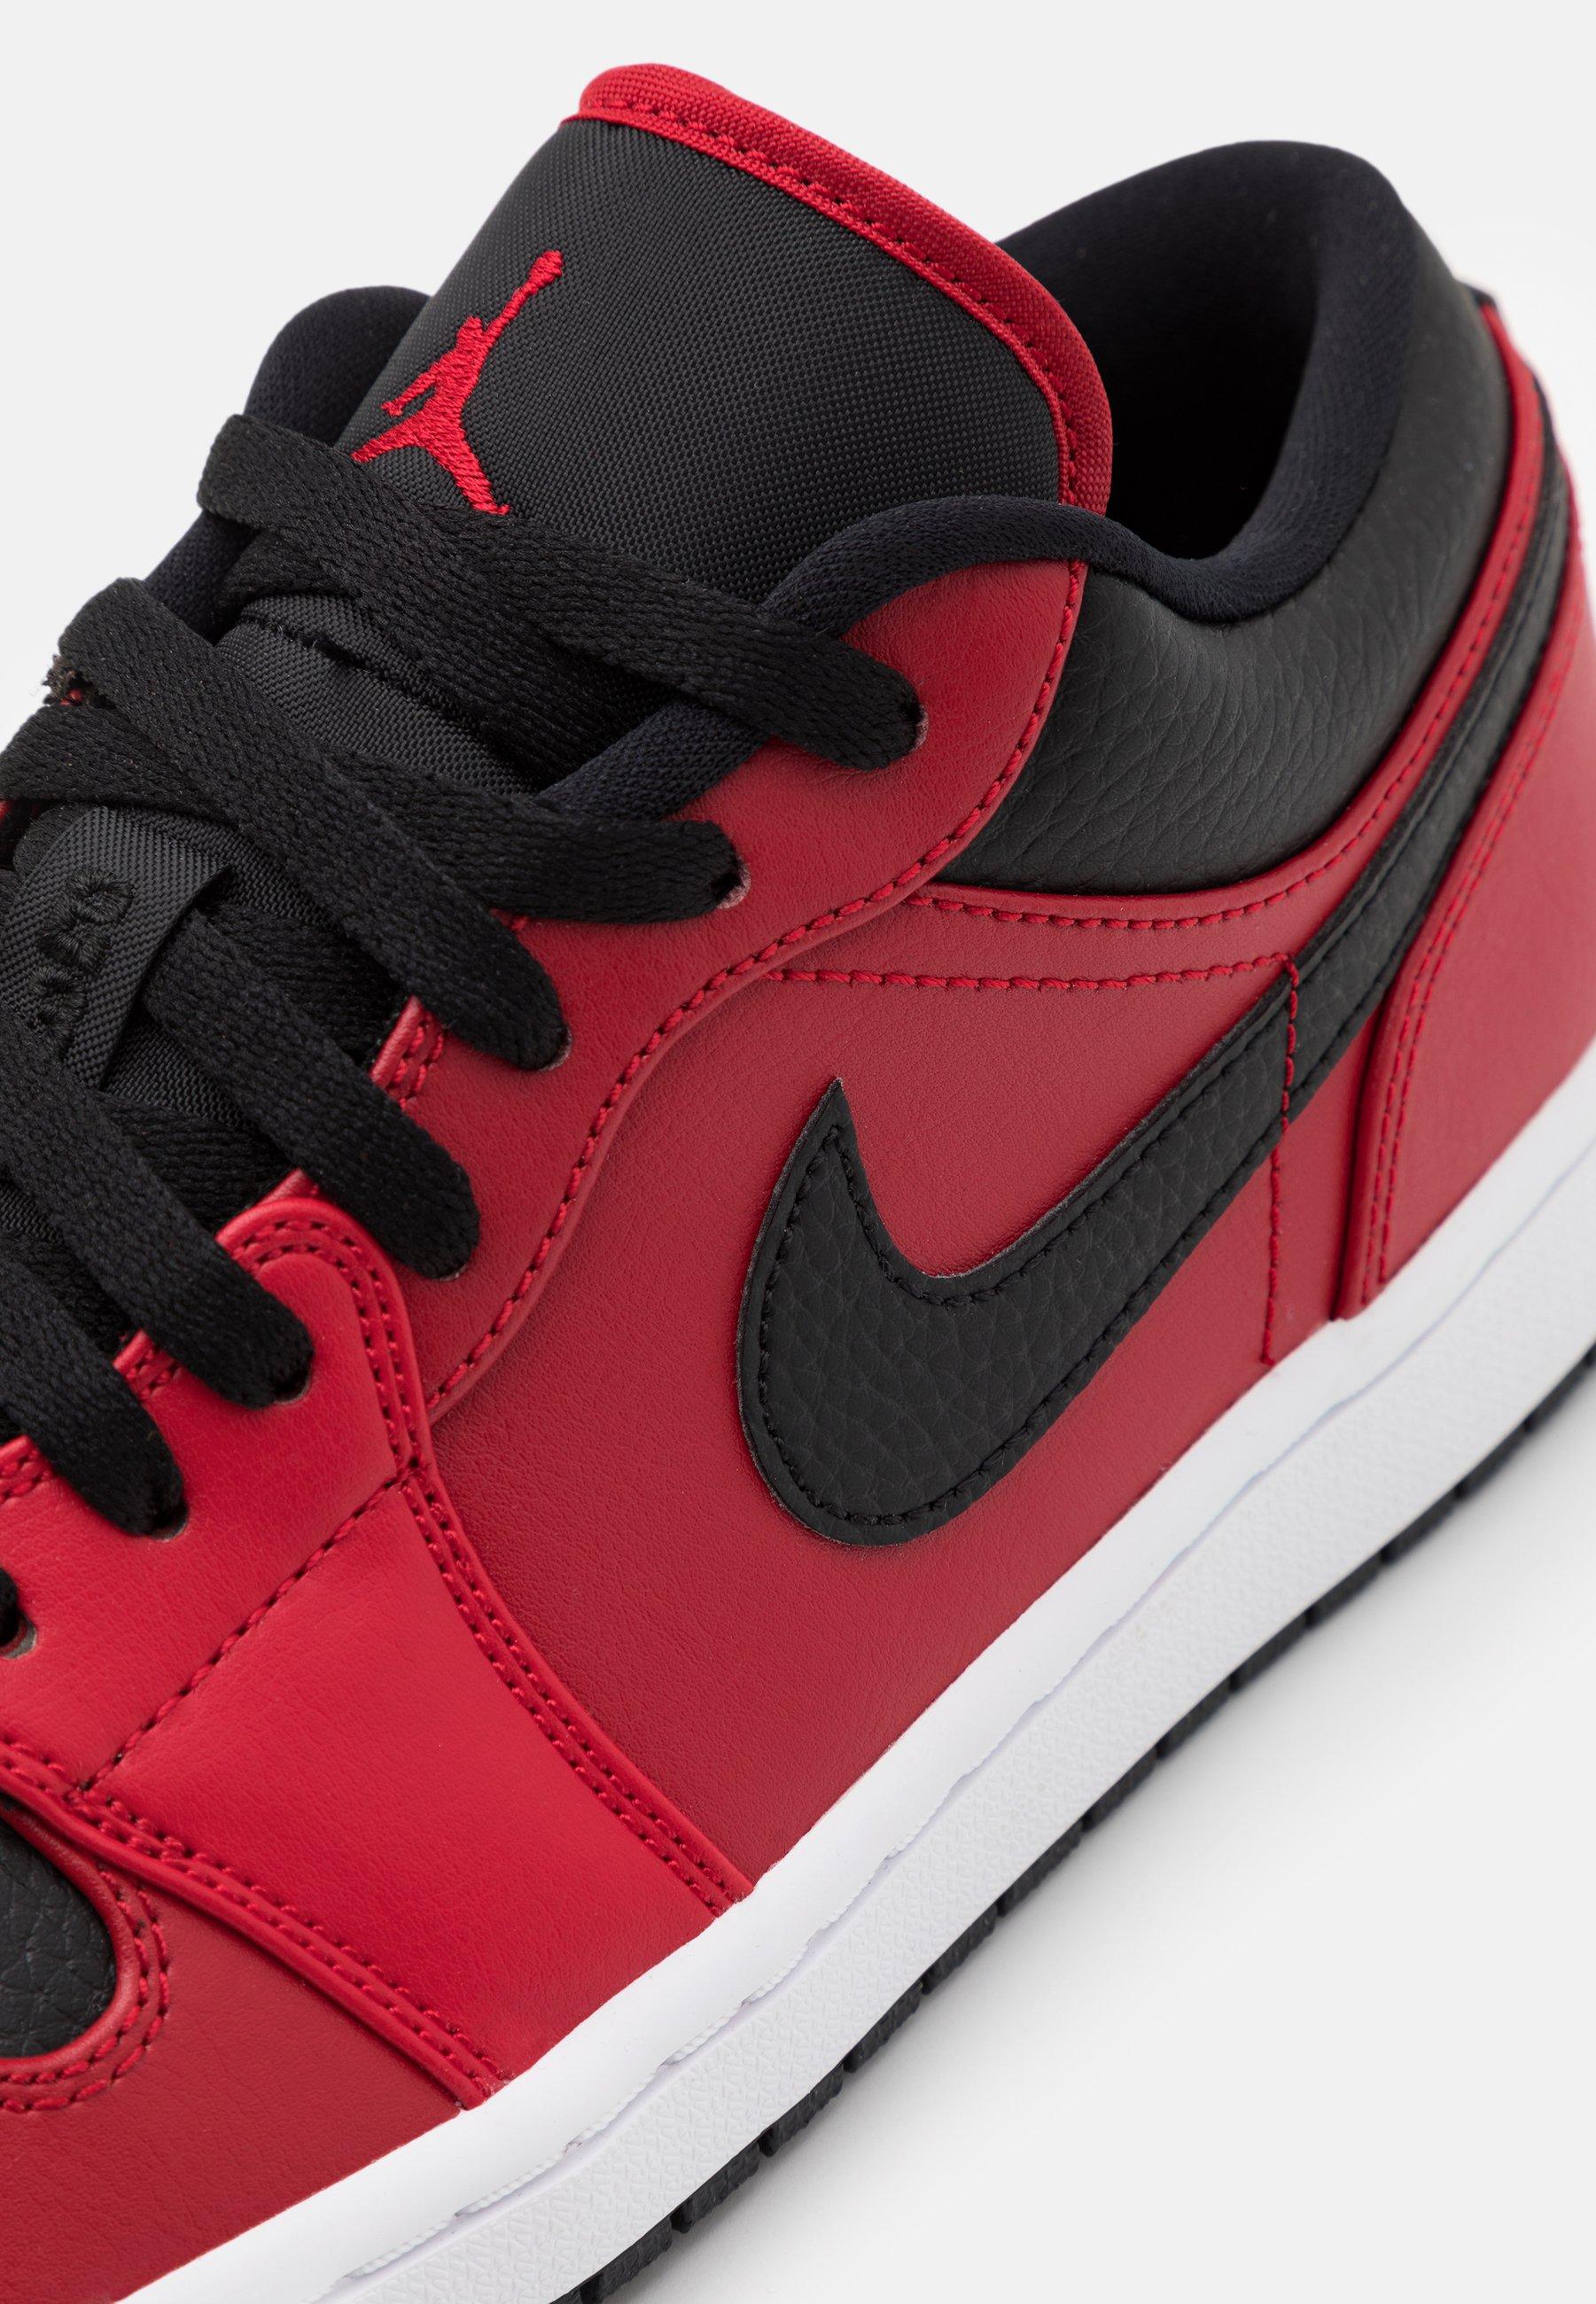 Jordan AIR 1 - Baskets basses - rouge/noir/rouge foncé - ZALANDO.FR